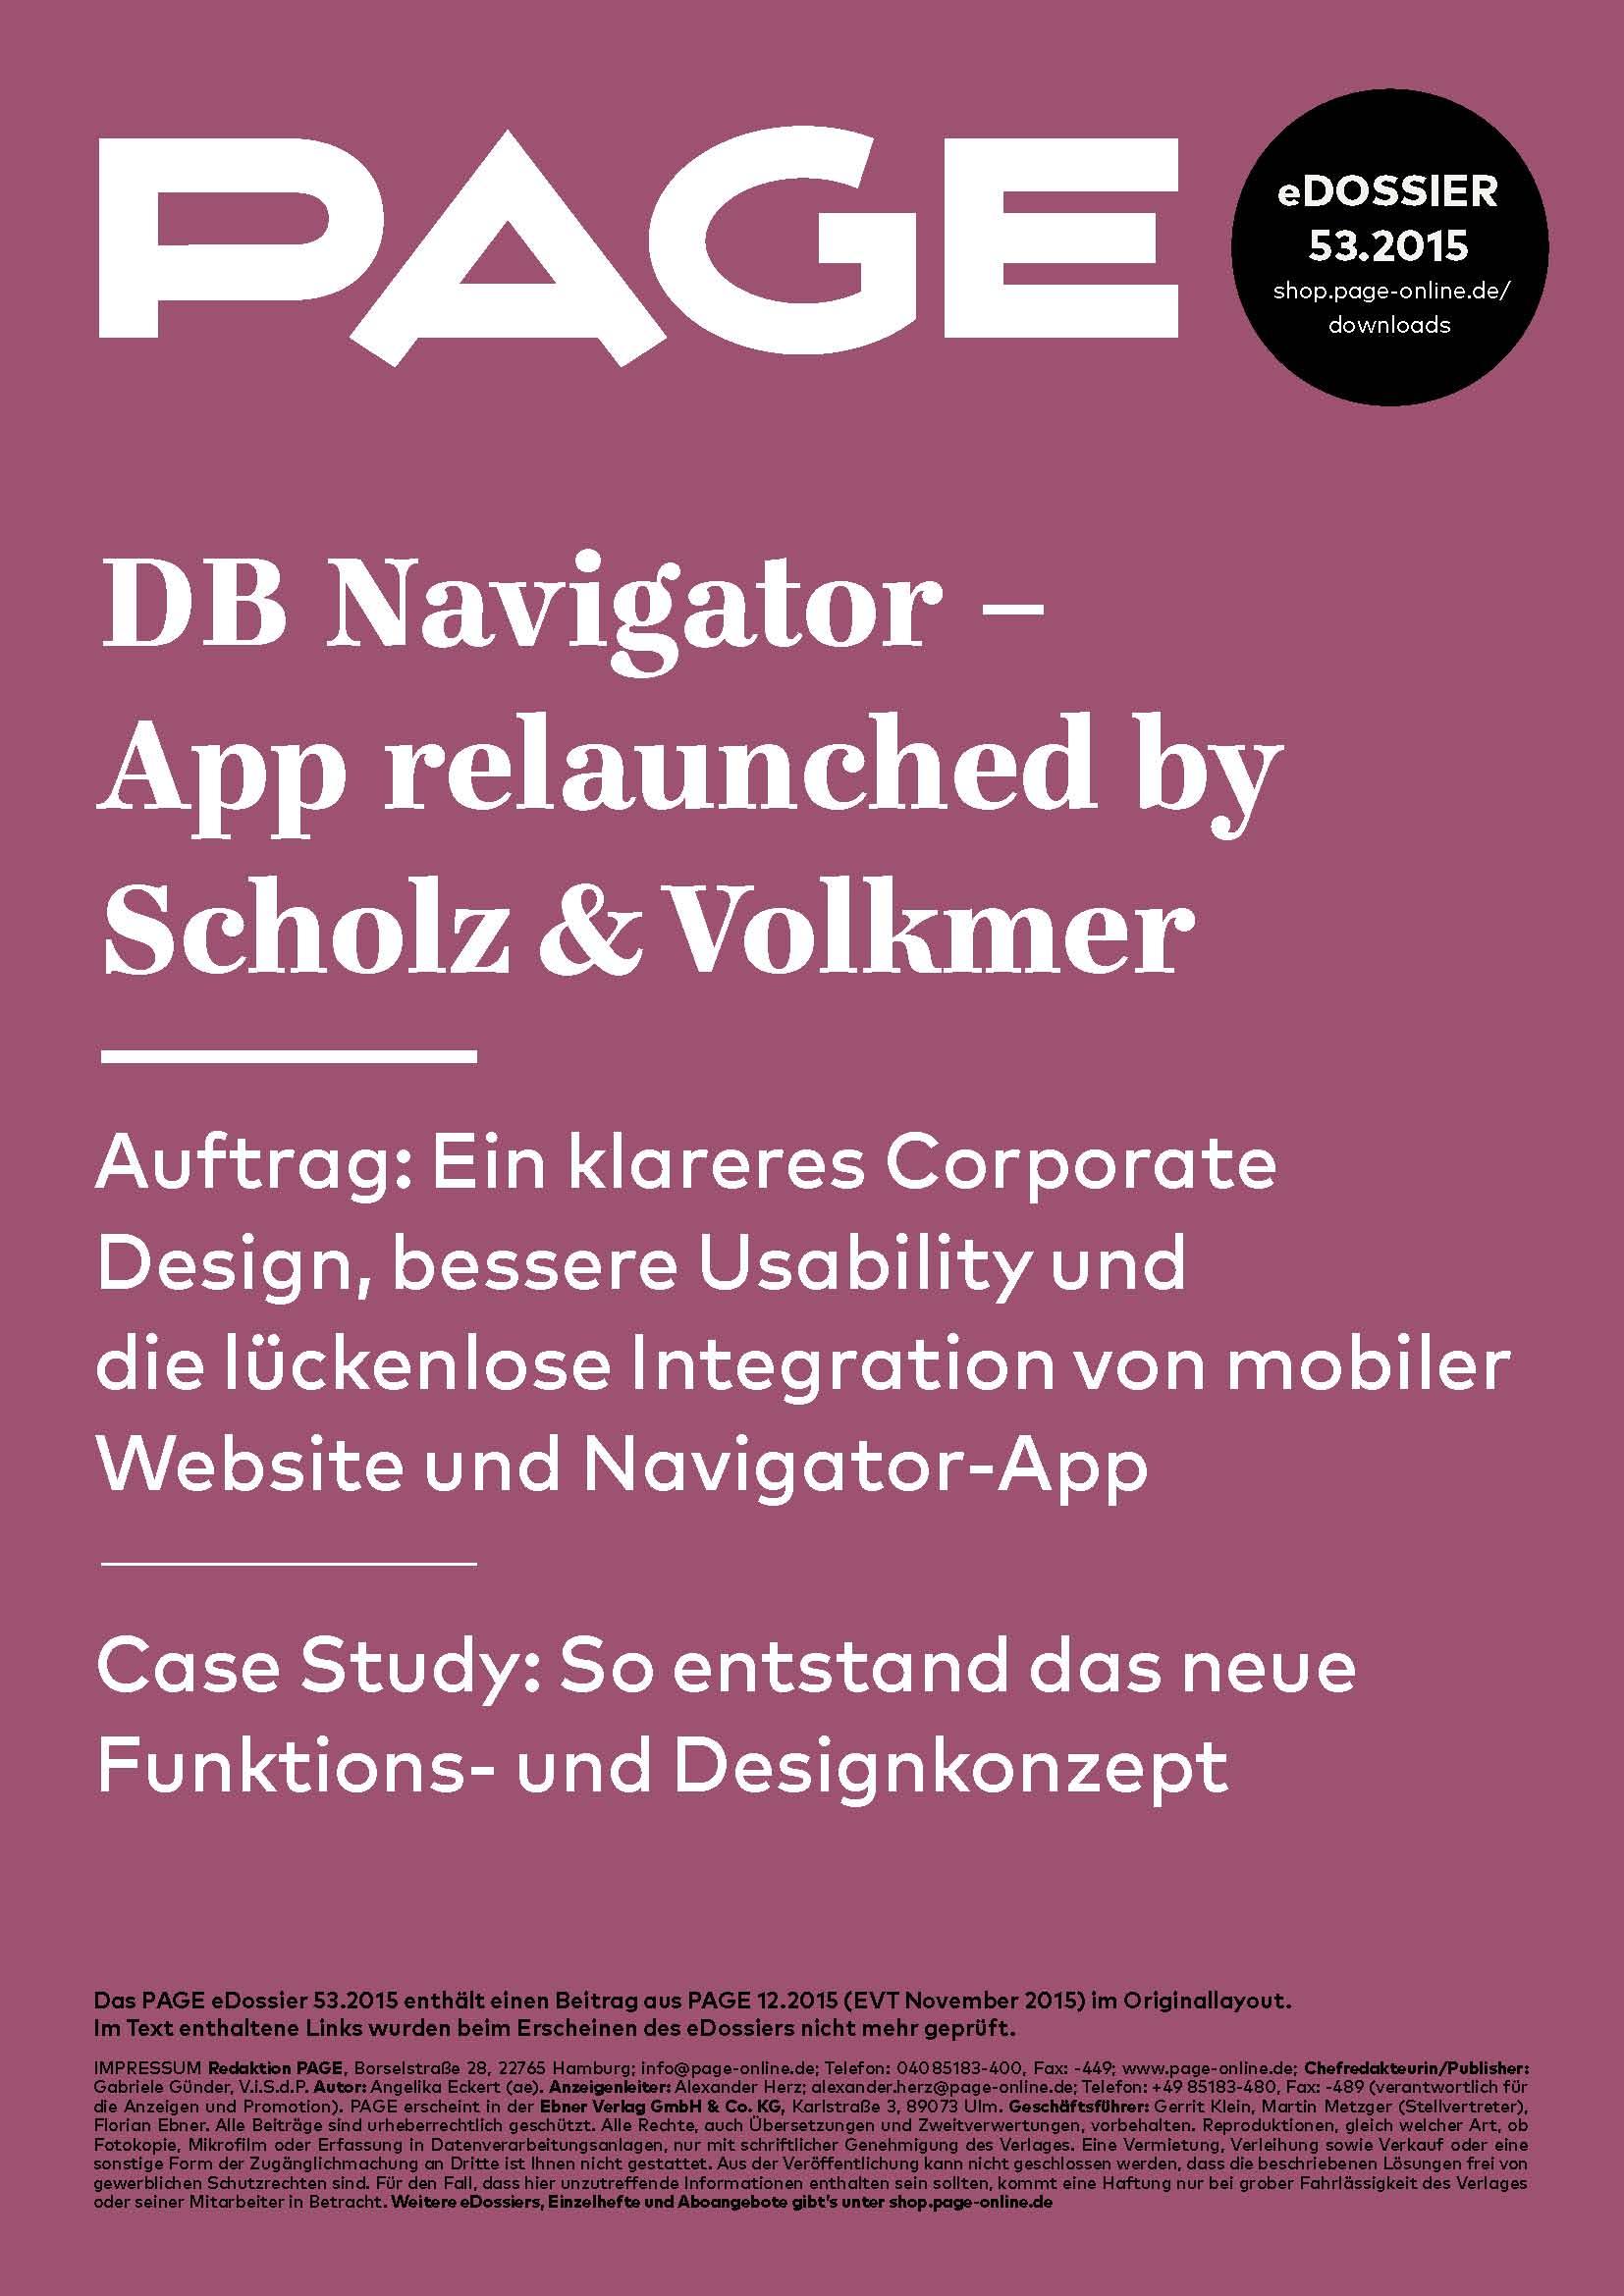 Relaunch, Kreation, Agiles Projektmanagement, DB-Navigator-App, DB Navigator, DB Fahrplanauskunft, Informationsarchitektur, iPhone, Android, Pflichtenheft, Vorher-Nachher